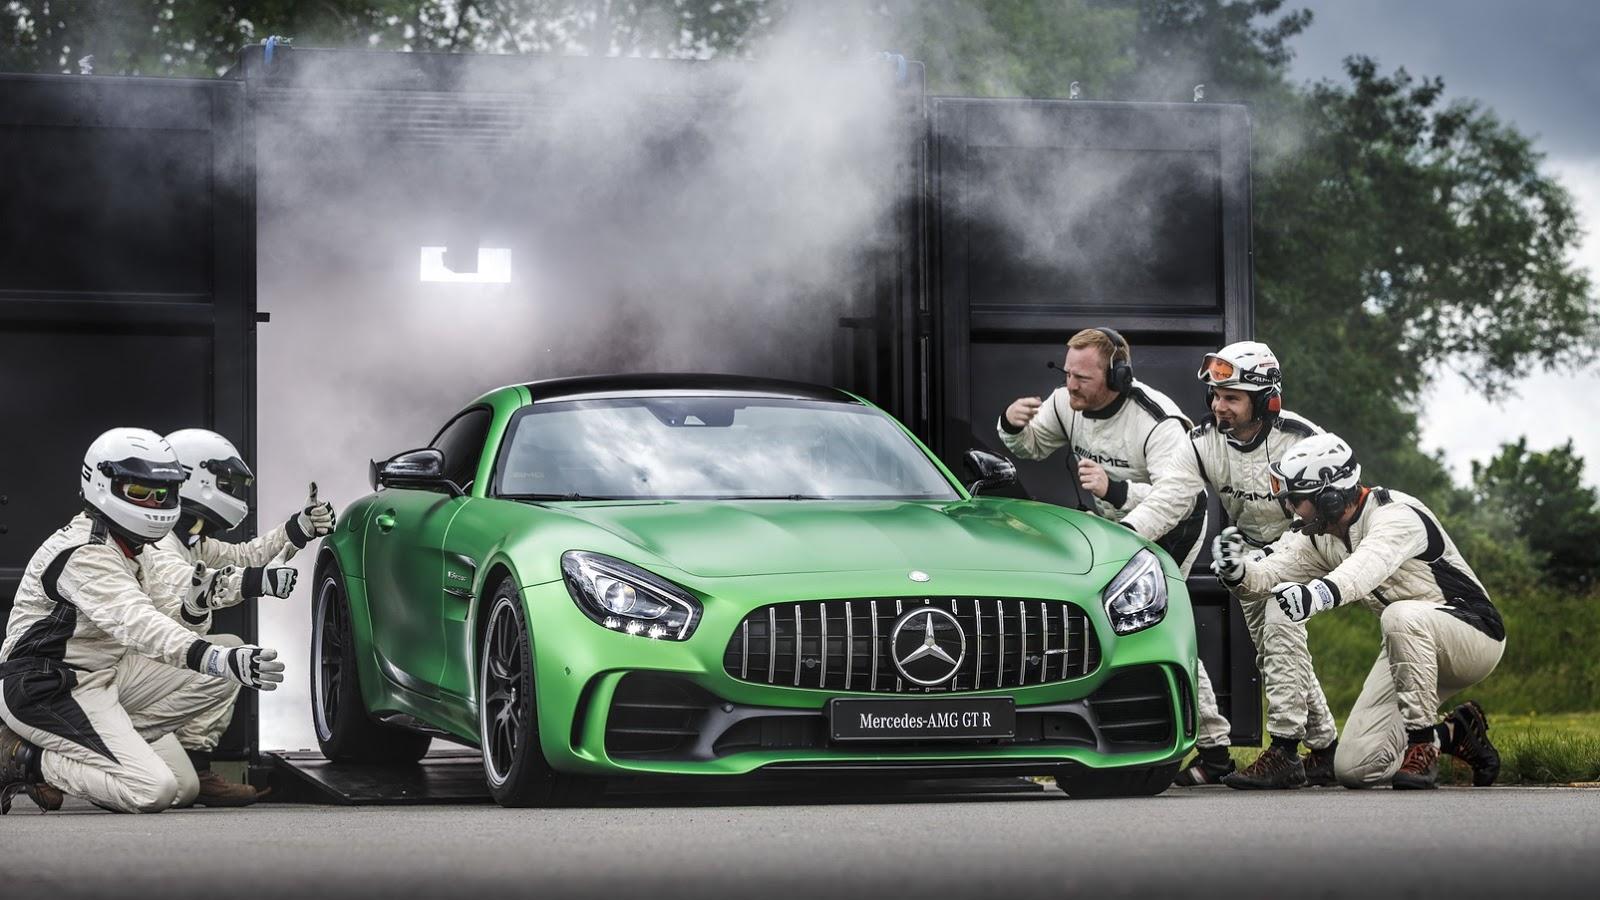 Mercedes AMG GT-R đã chính thức lộ diện